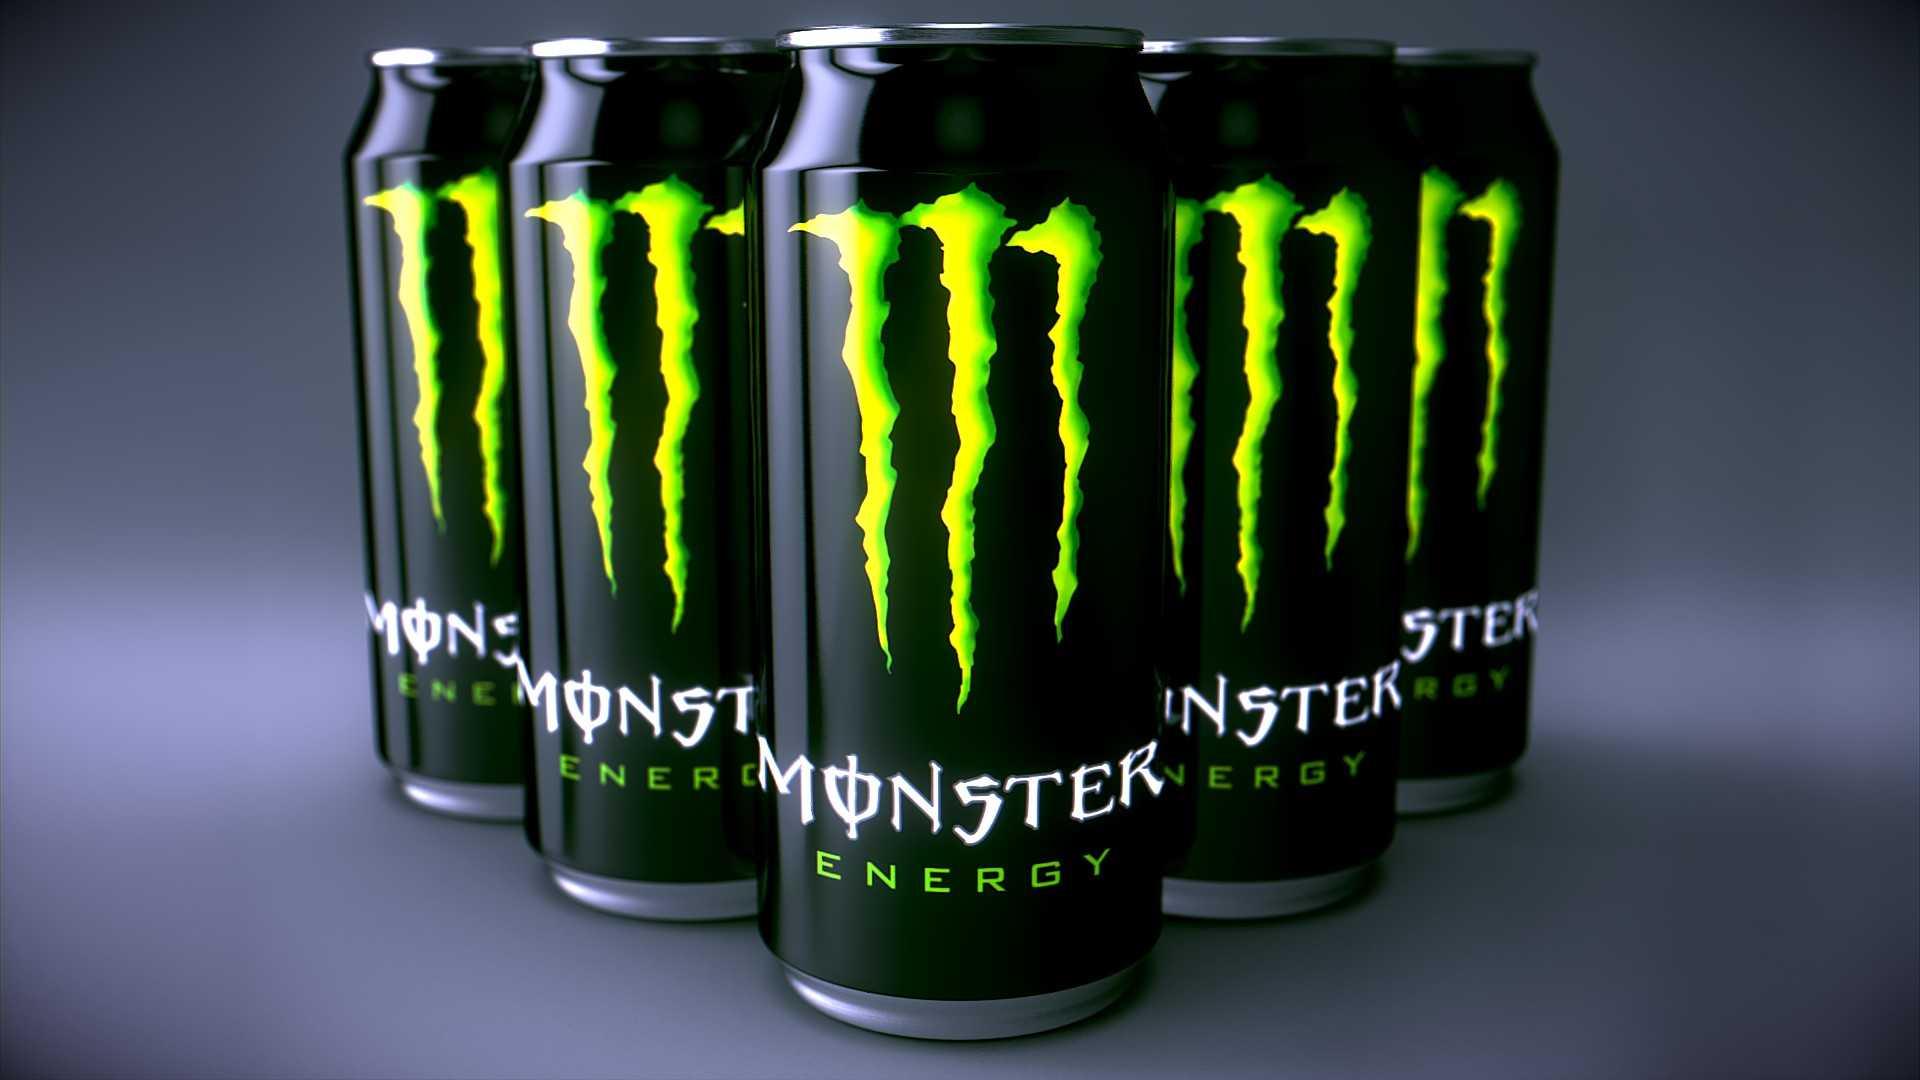 Una sola bebida energética del tipo Monster Energy, Red Bull, 5-Hour Energy y Rockstar puede contener muchas veces la cantidad decafeína deuna taza de café.